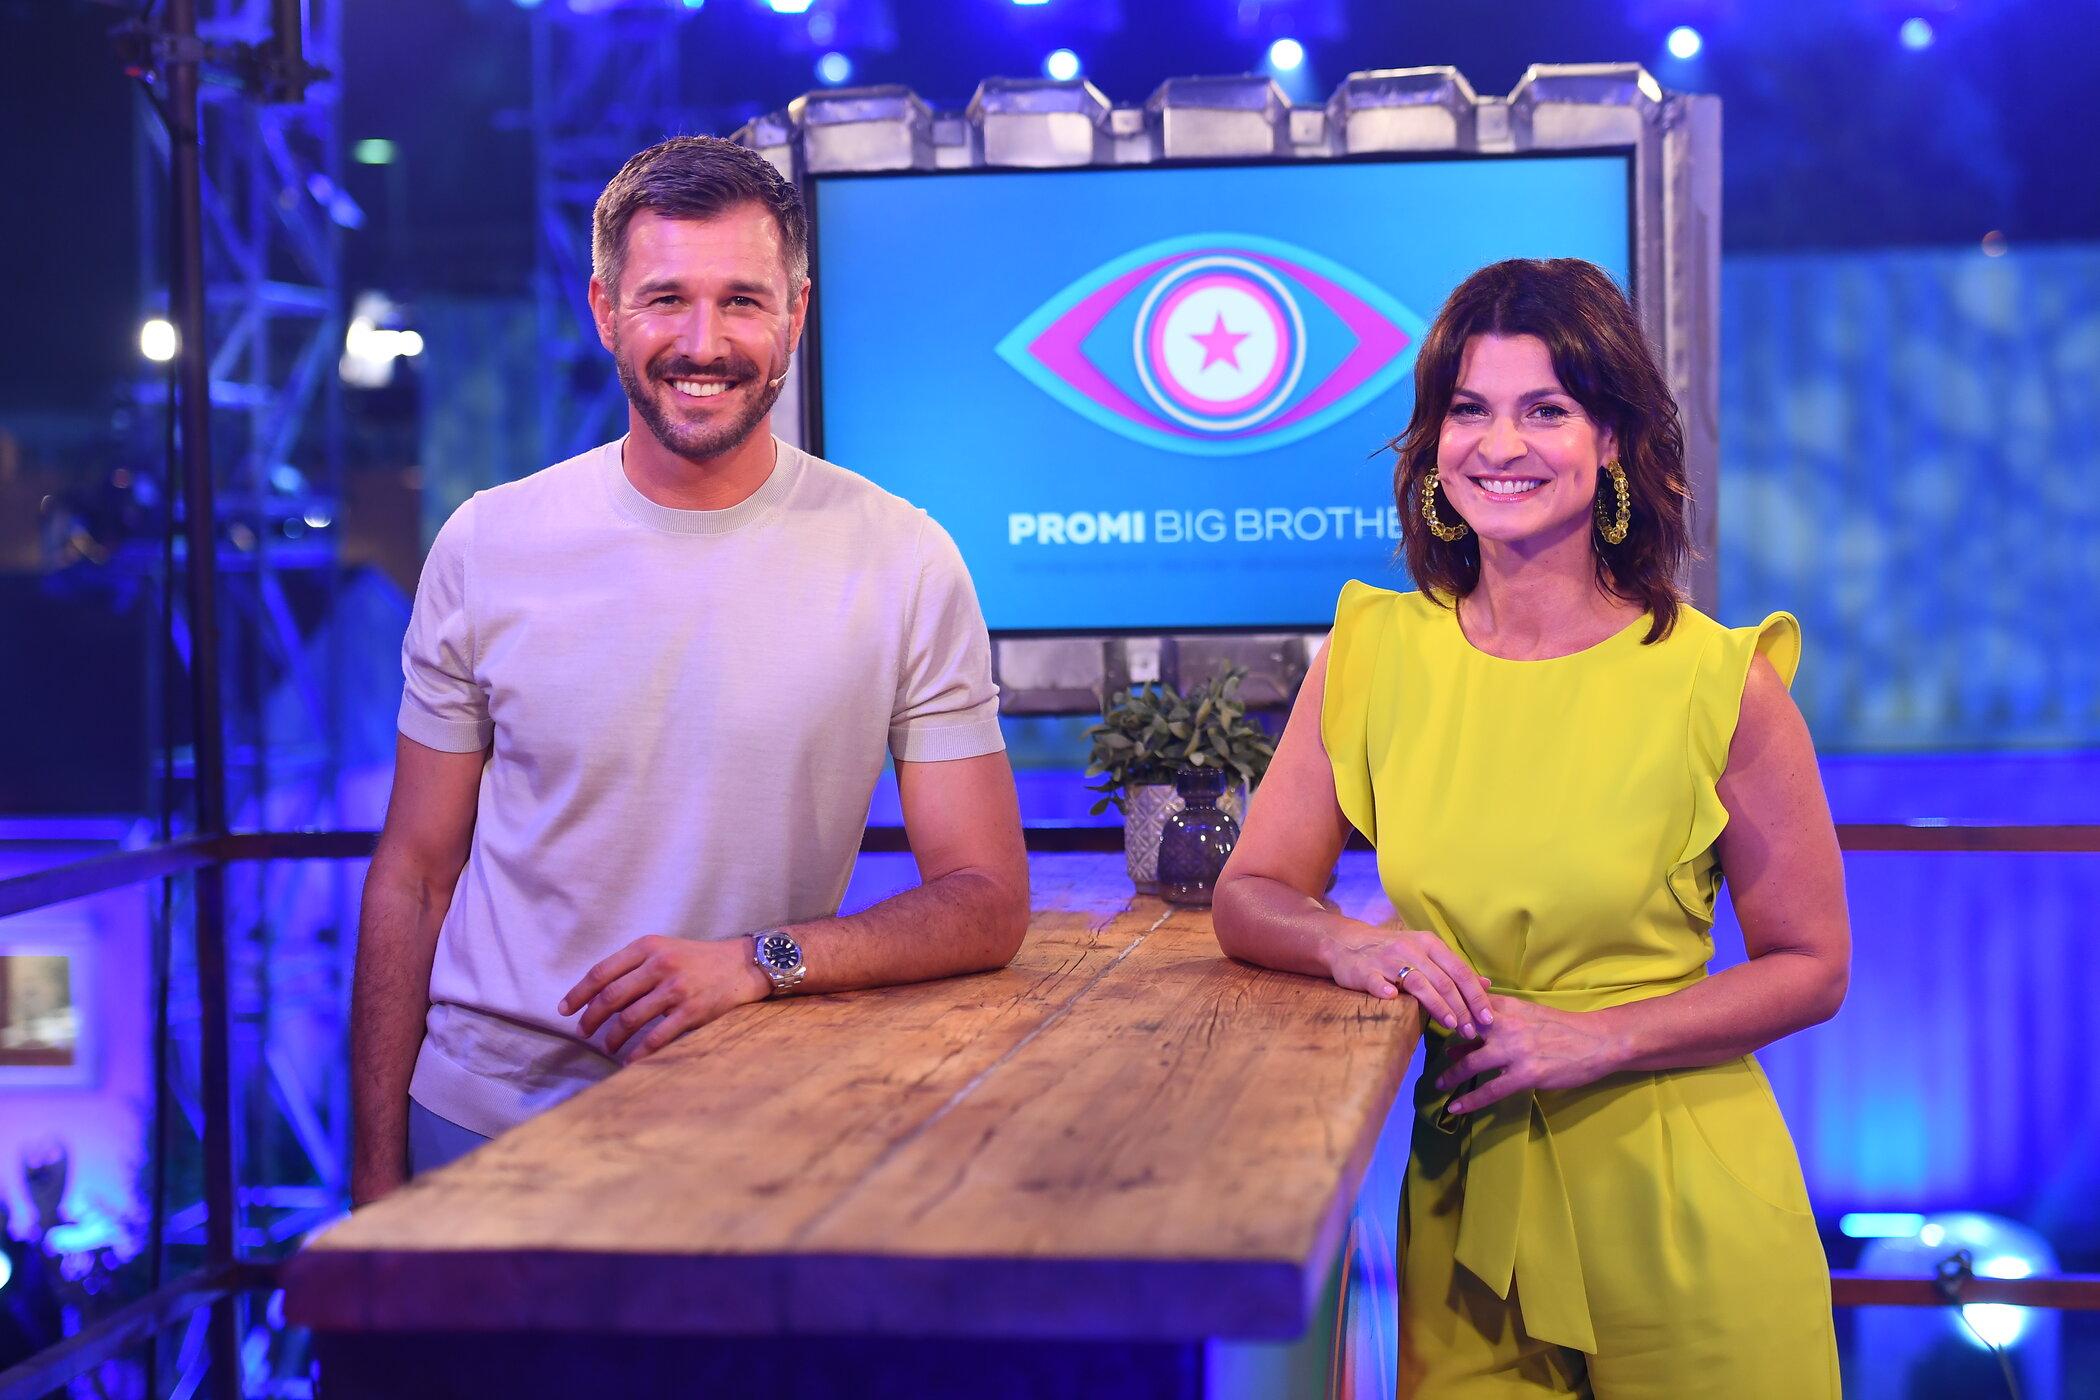 Promi Big Brother 2020 Live-Stream